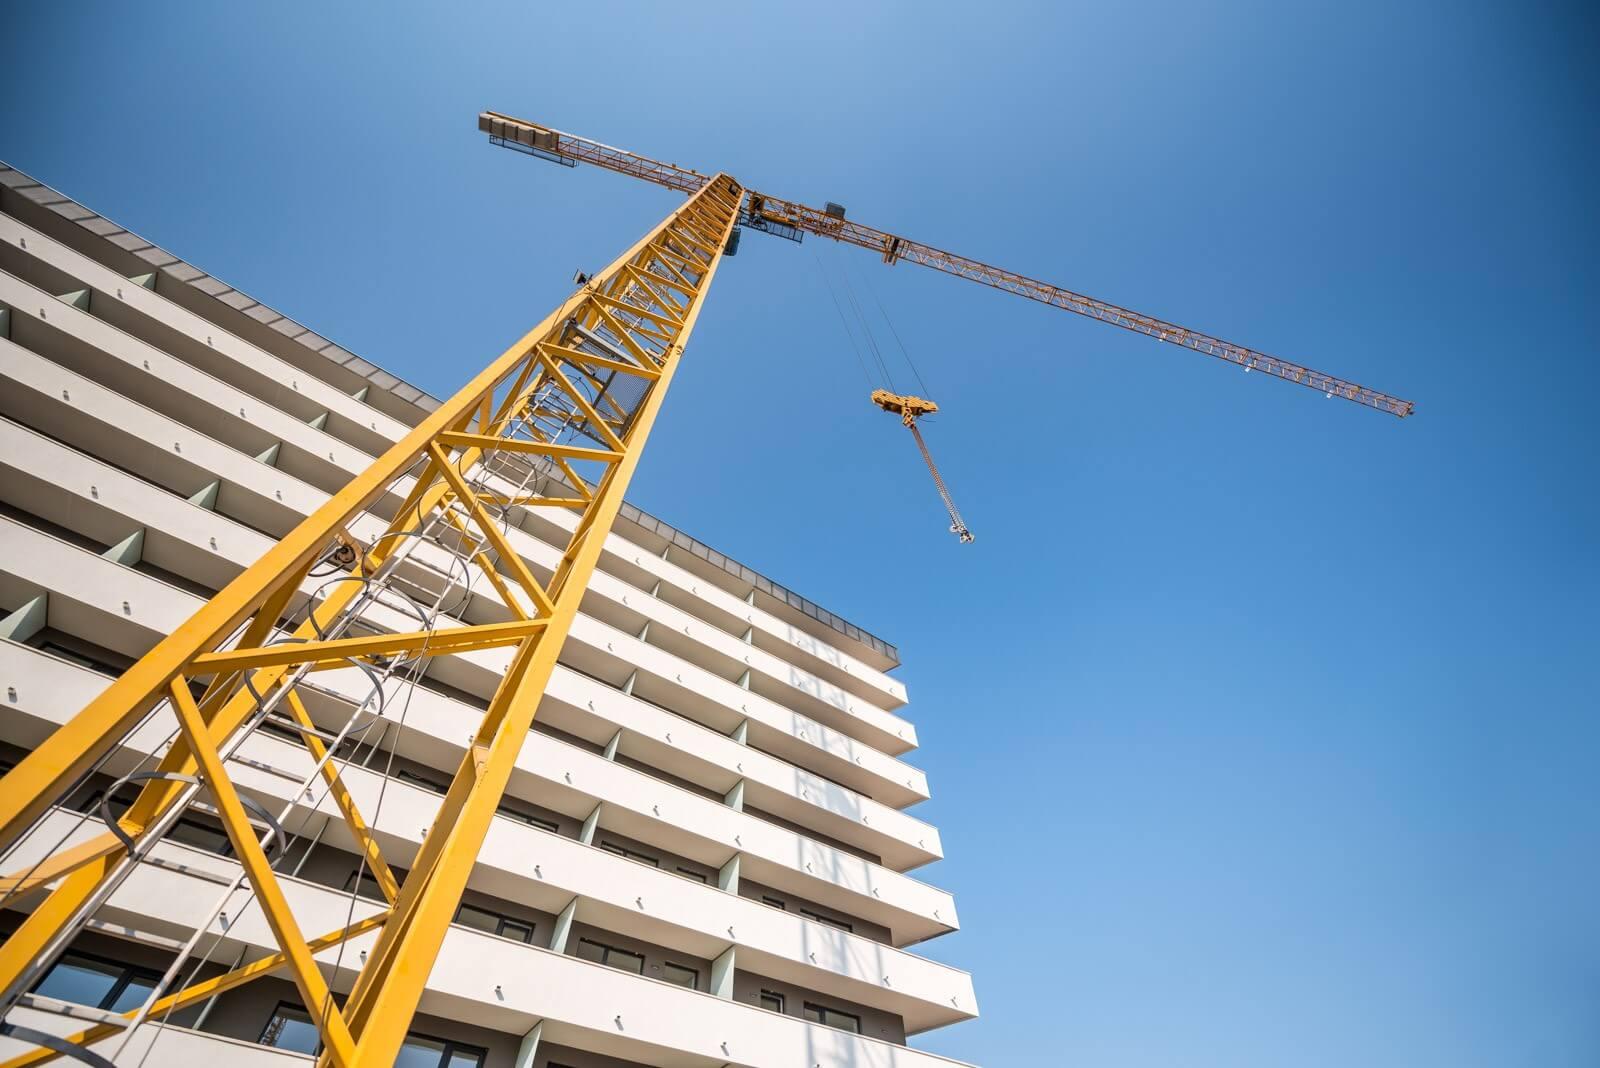 Közel jár a 30 százalékhoz a lakásépítés növekedése